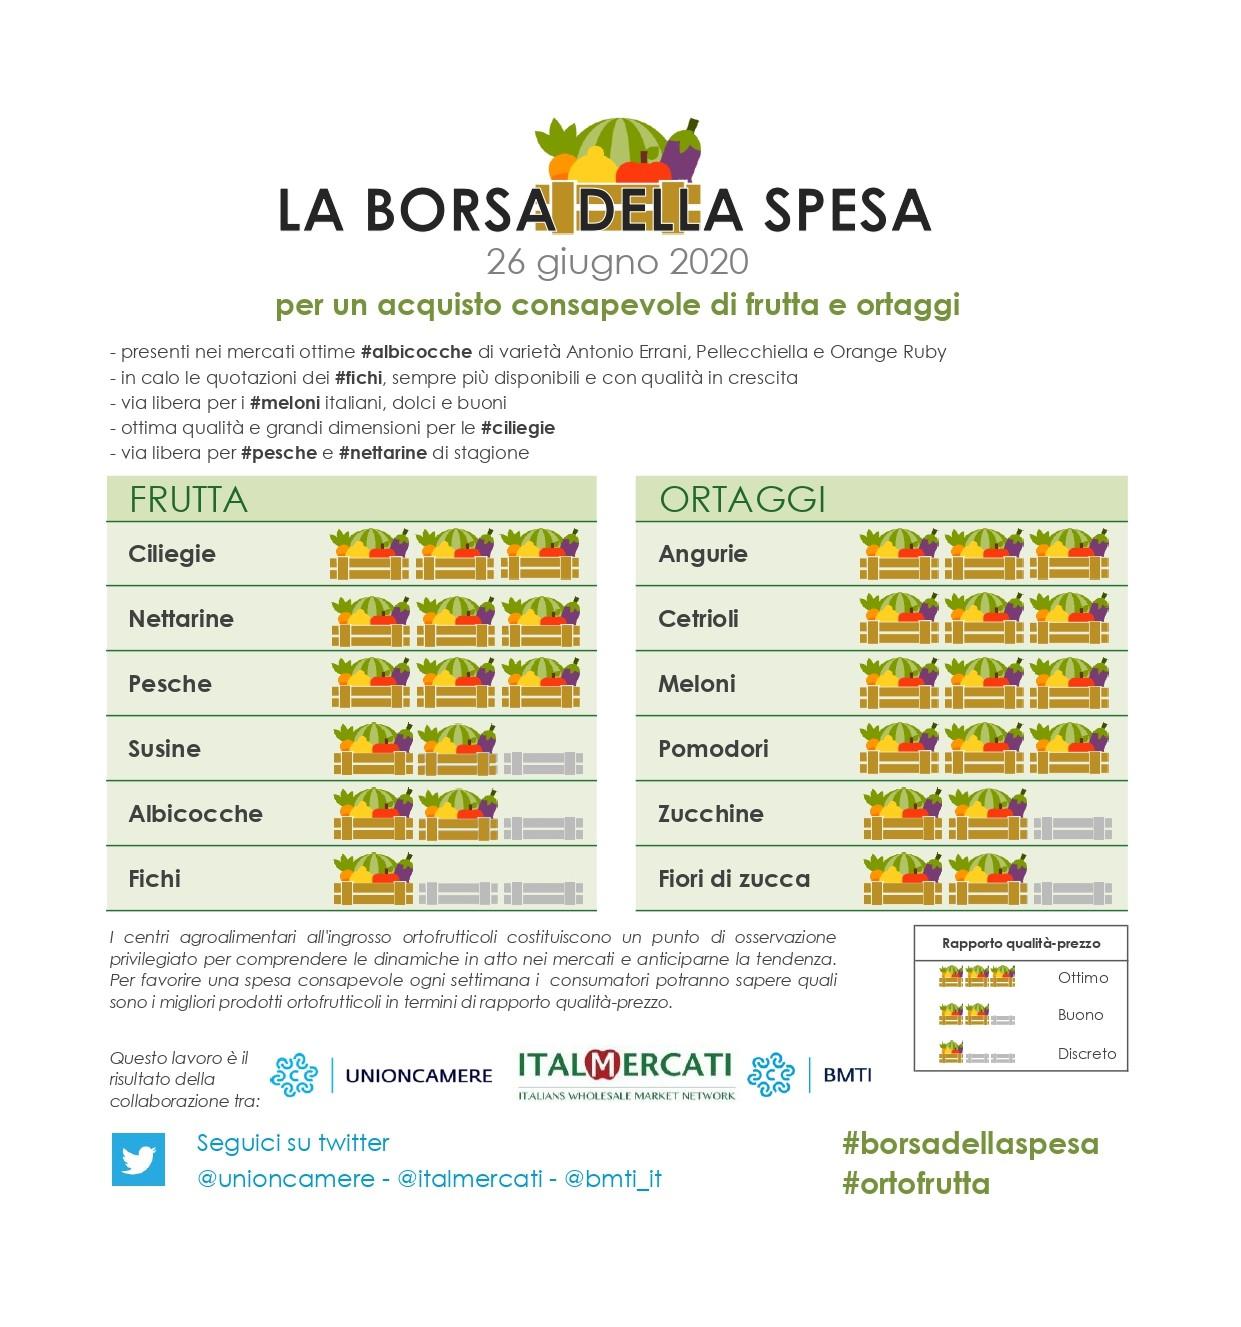 Nella #borsadellaspesa di #ortofrutta di questa settimana: #angurie, #cetrioli, #meloni, #pomodori, #ciliegie, #nettarine e #pesche